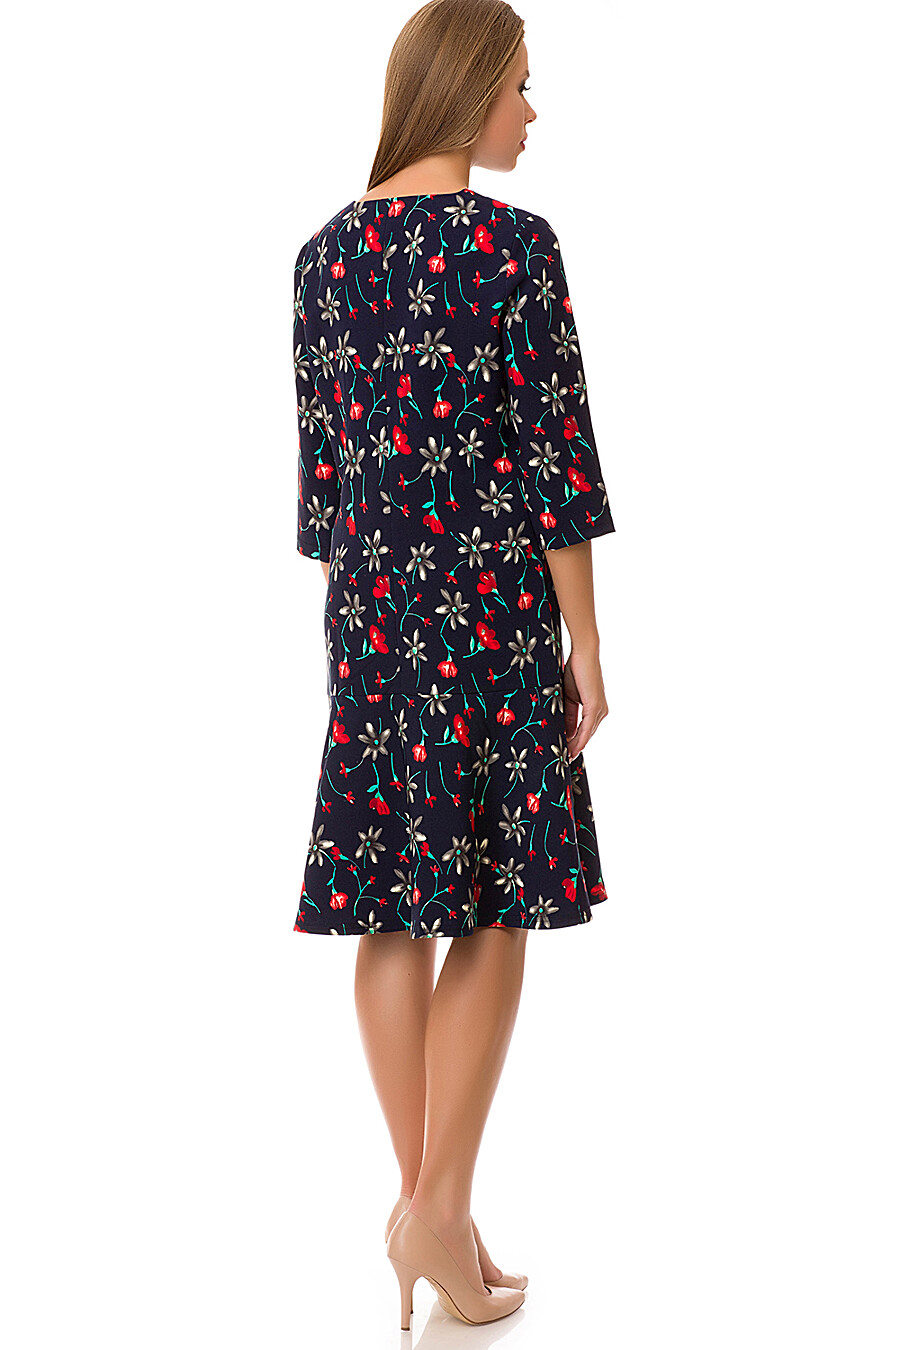 Платье #72276